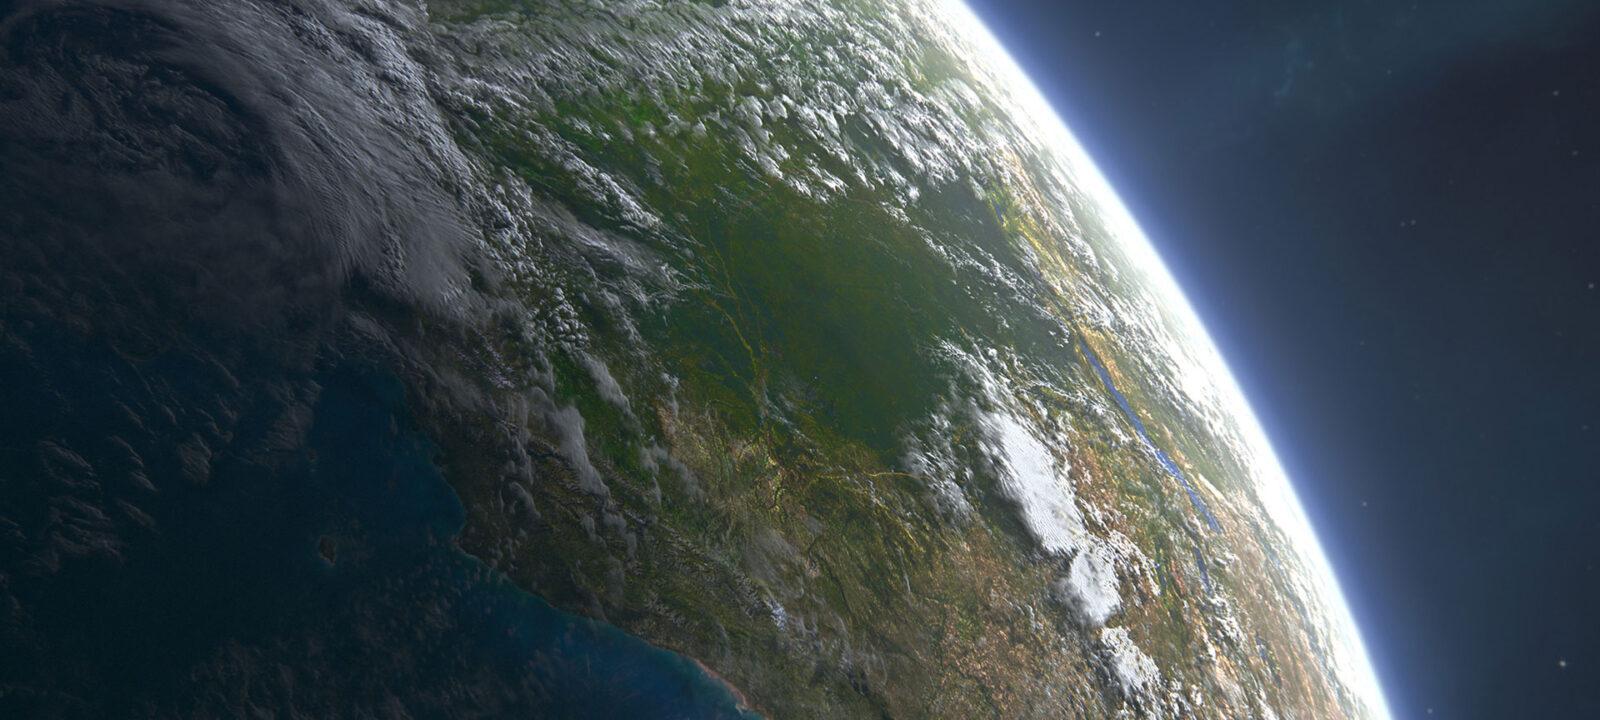 EarthAmazing1920x1080